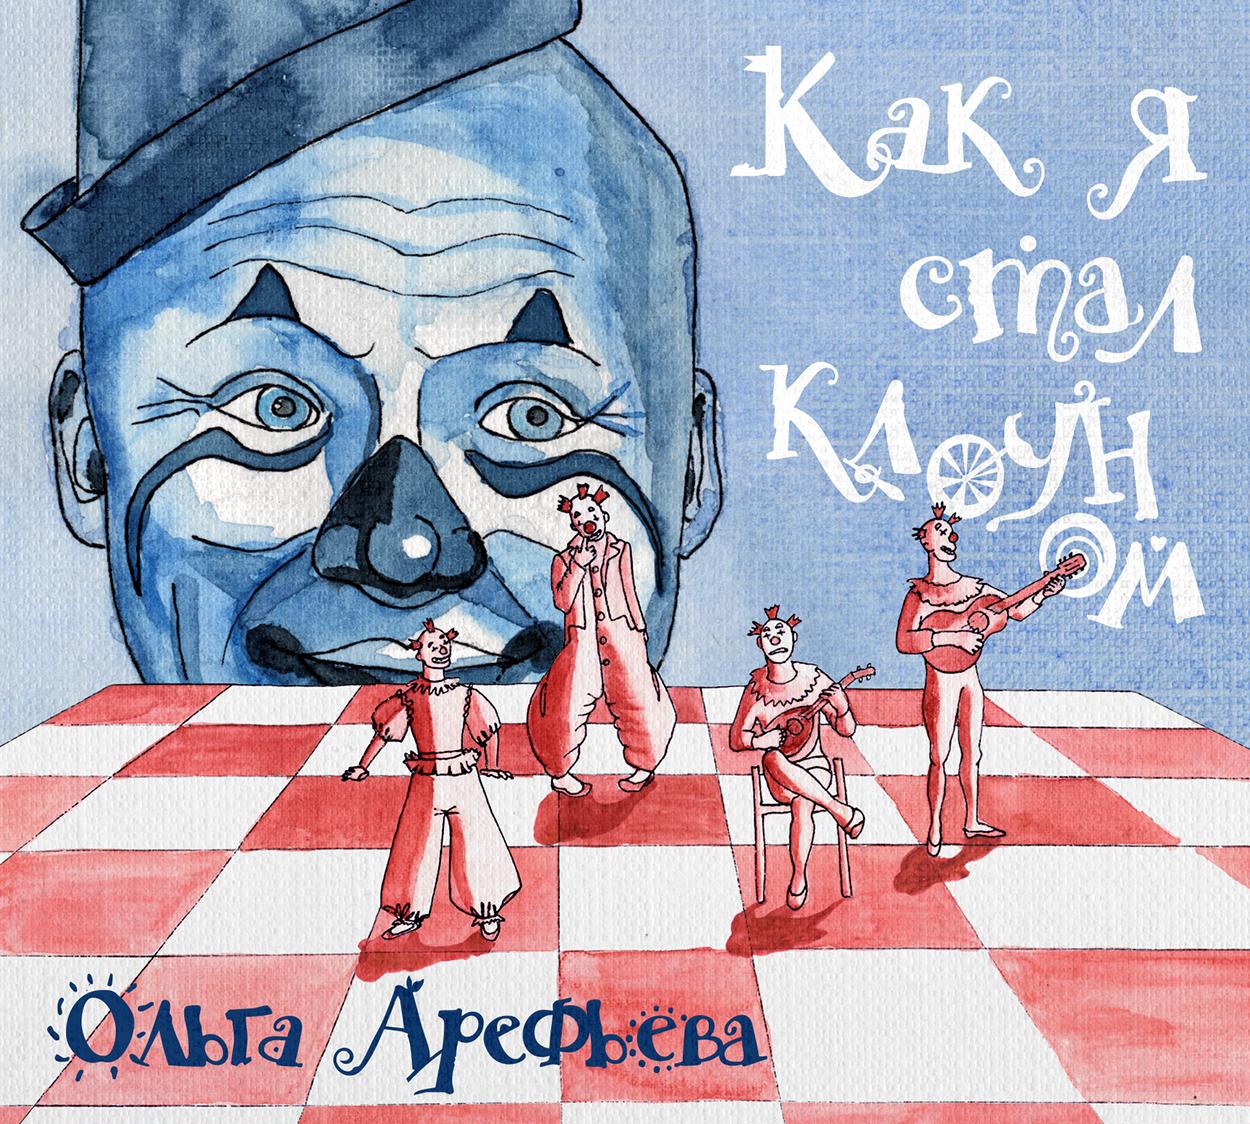 Ольга Арефьева - новый альбом Как я стал клоуном (2020)